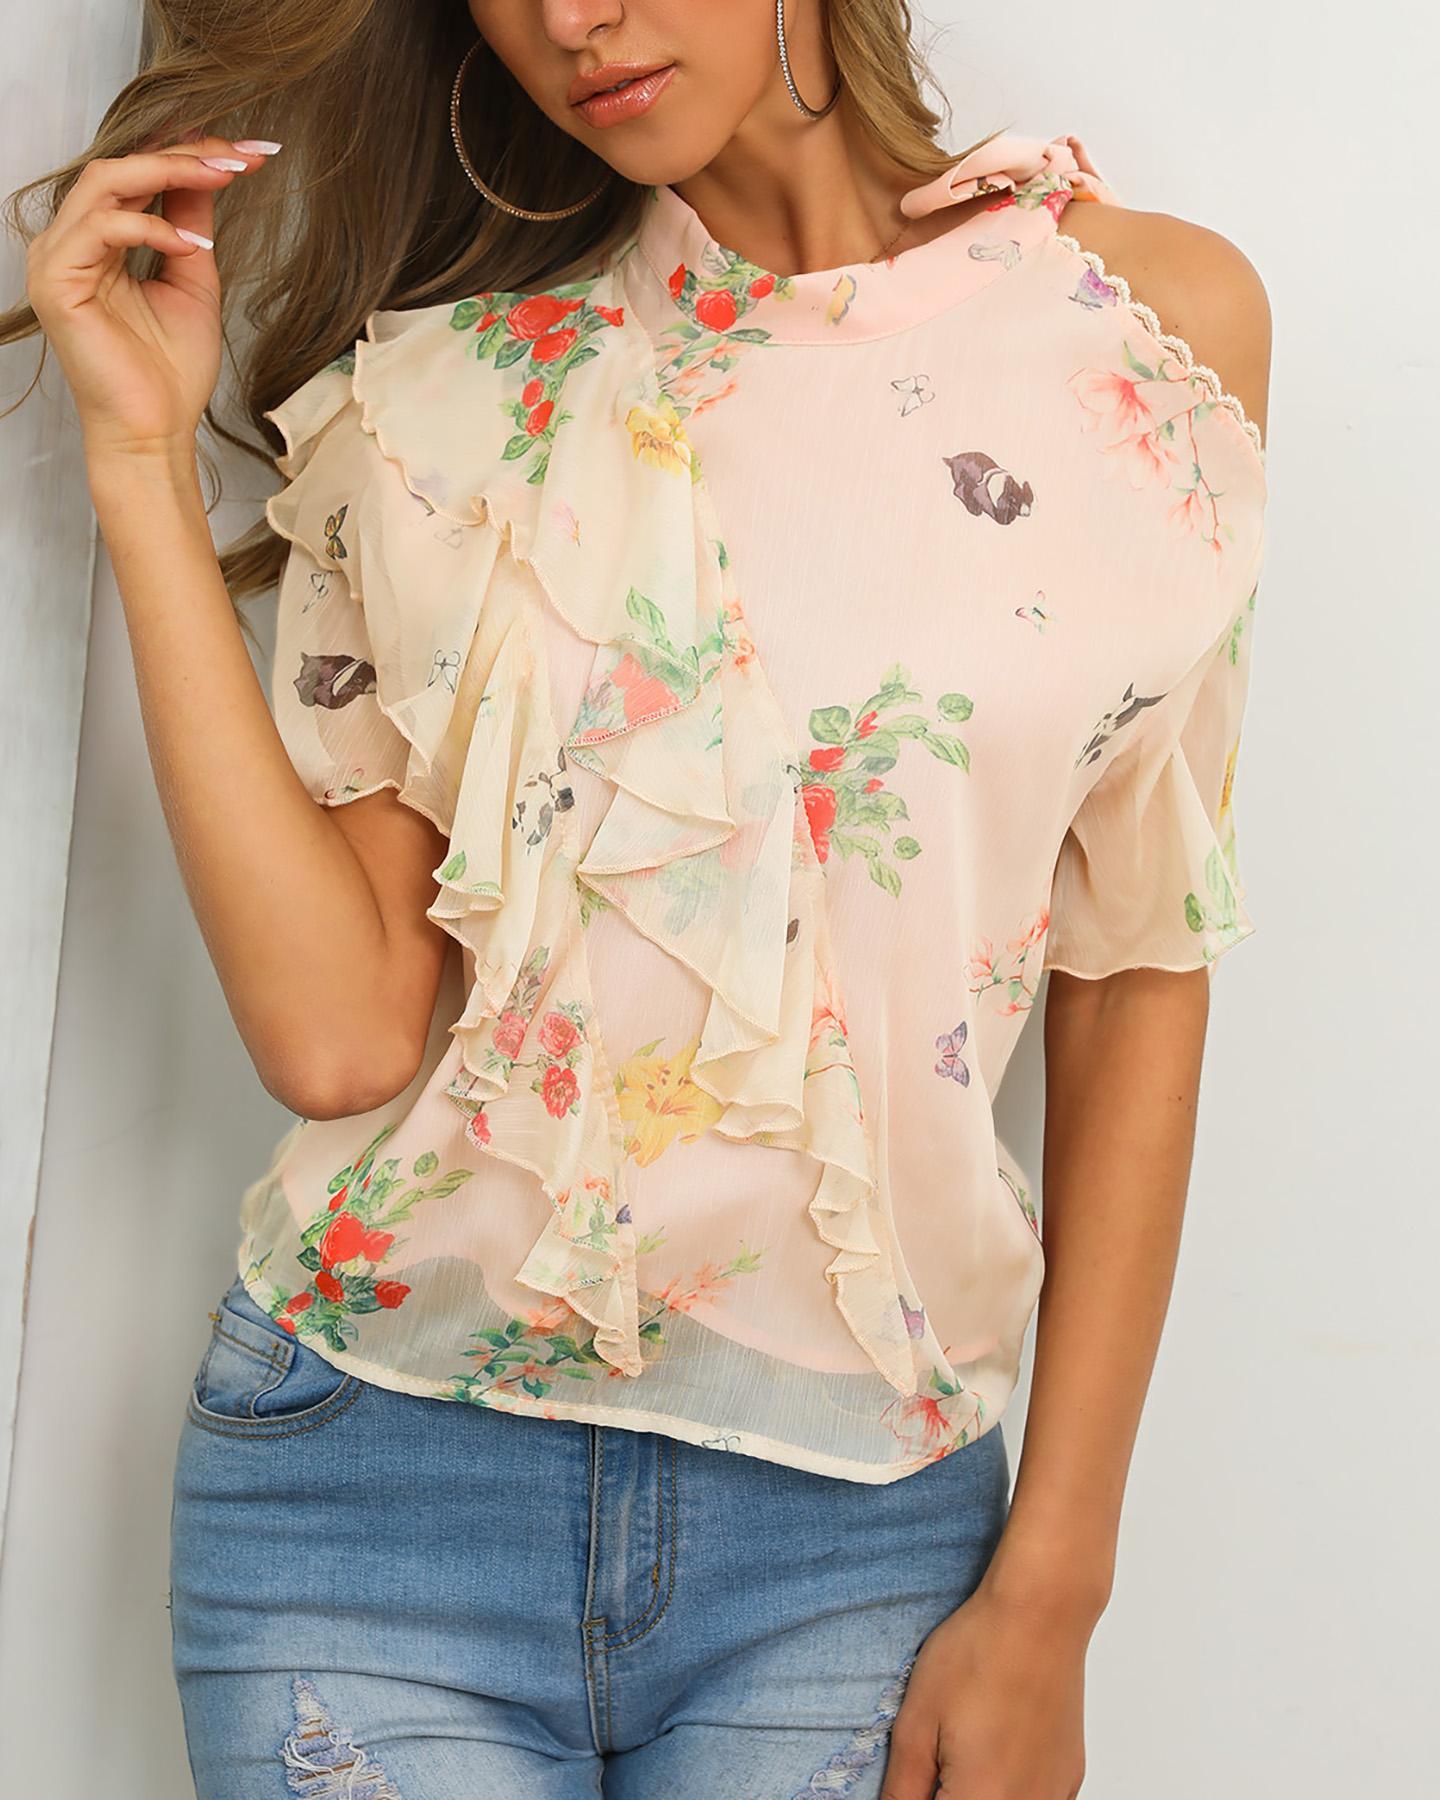 boutiquefeel / Blusa con estampado floral de hombros fríos